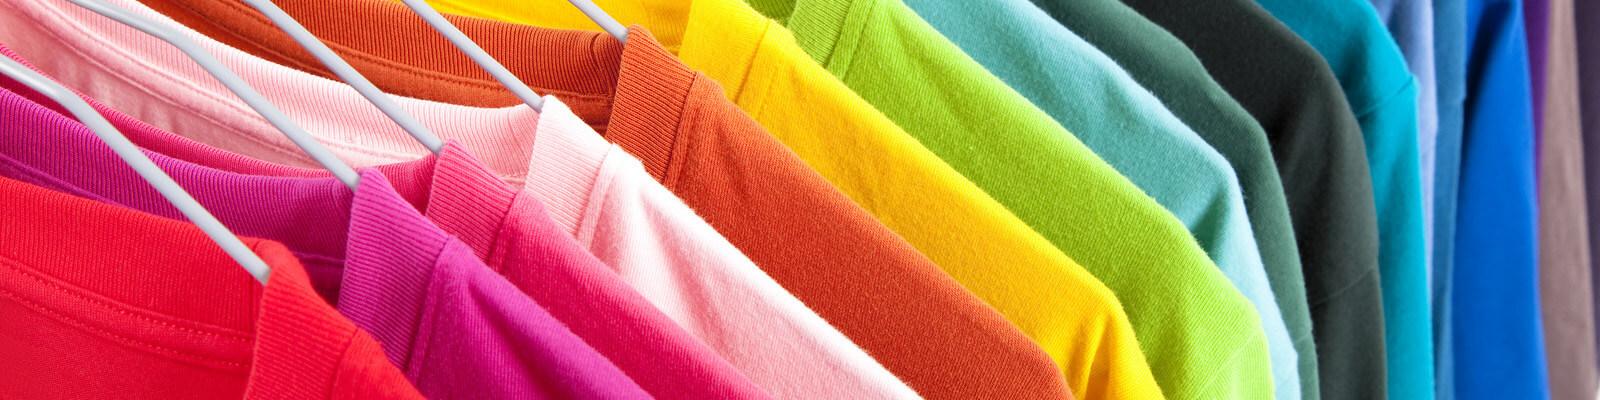 Textilien zum bedrucken Bekleidung für Industrie, Handwerk, Gewerbe,